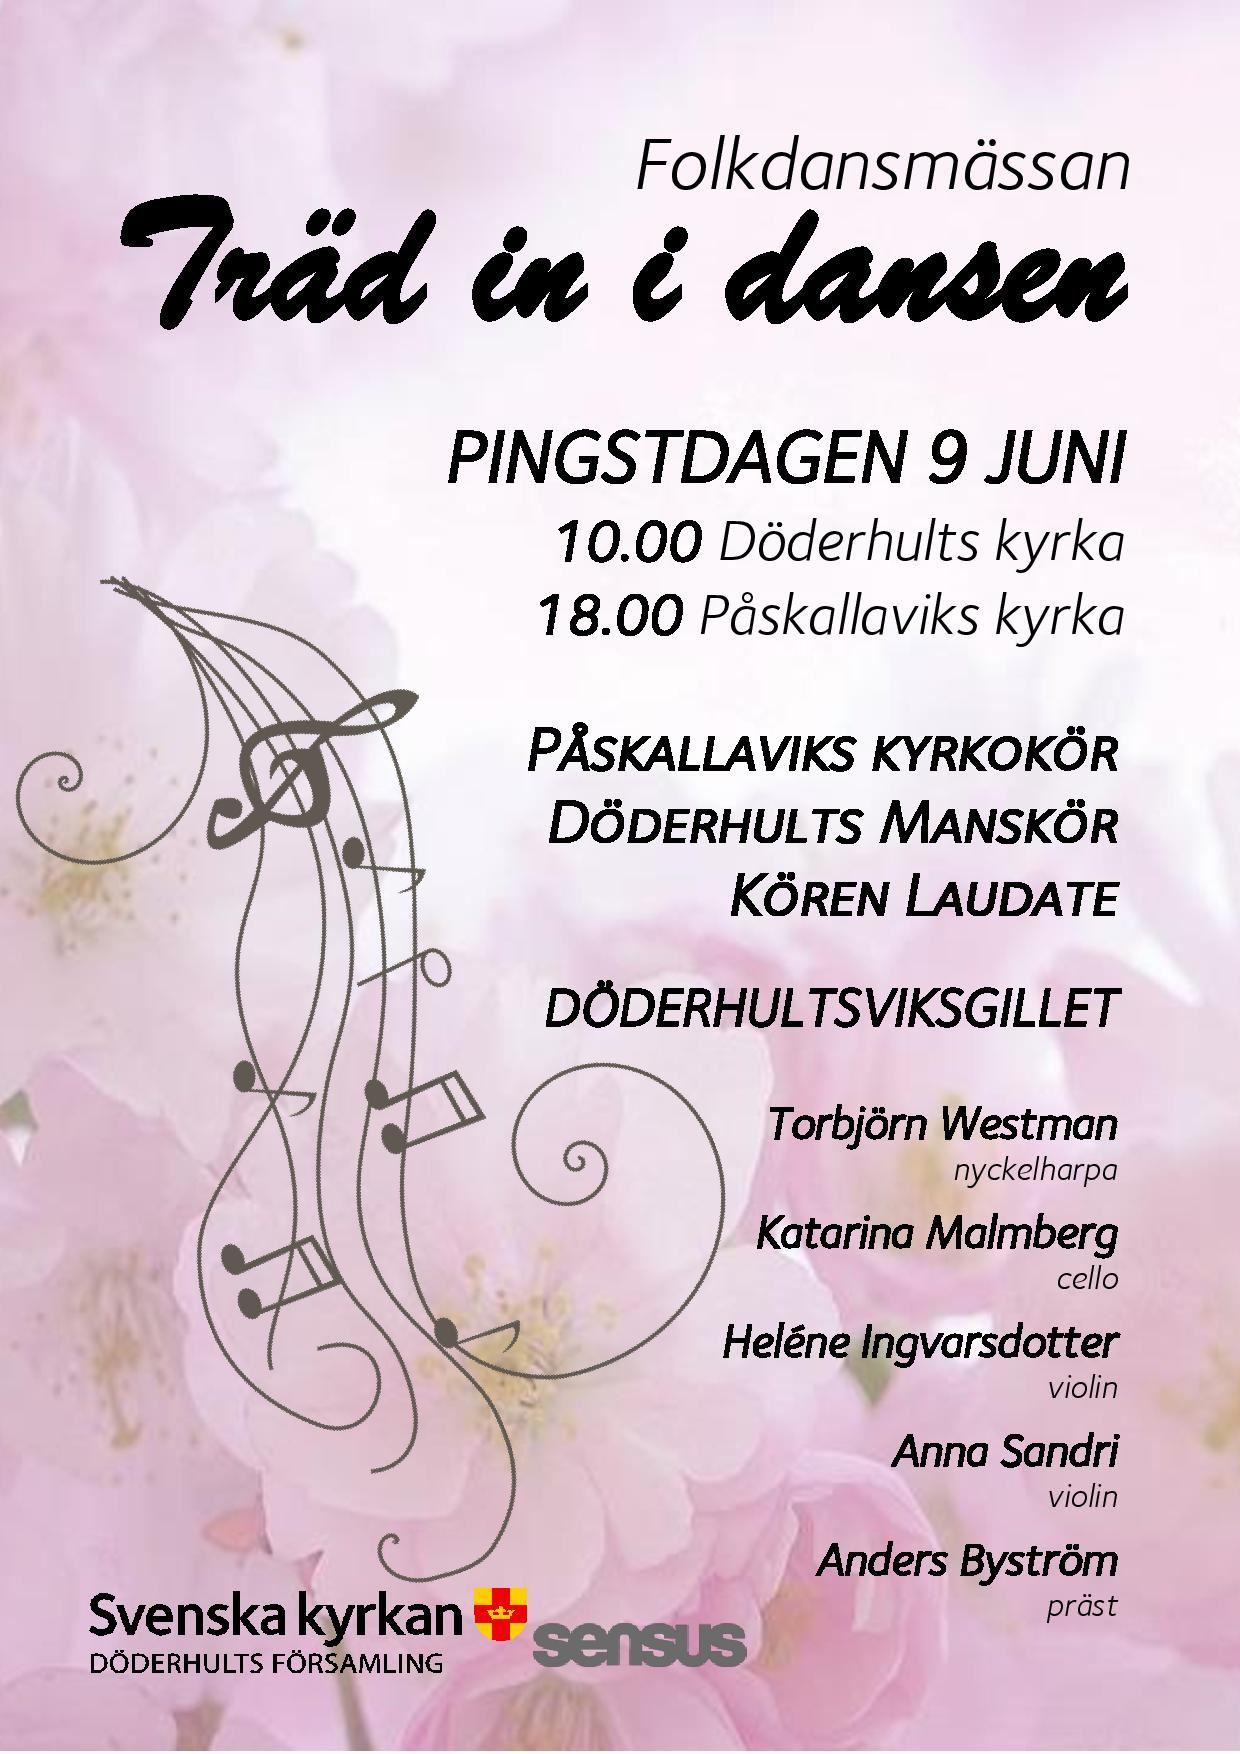 Folkdansmässan Träd in i dansen